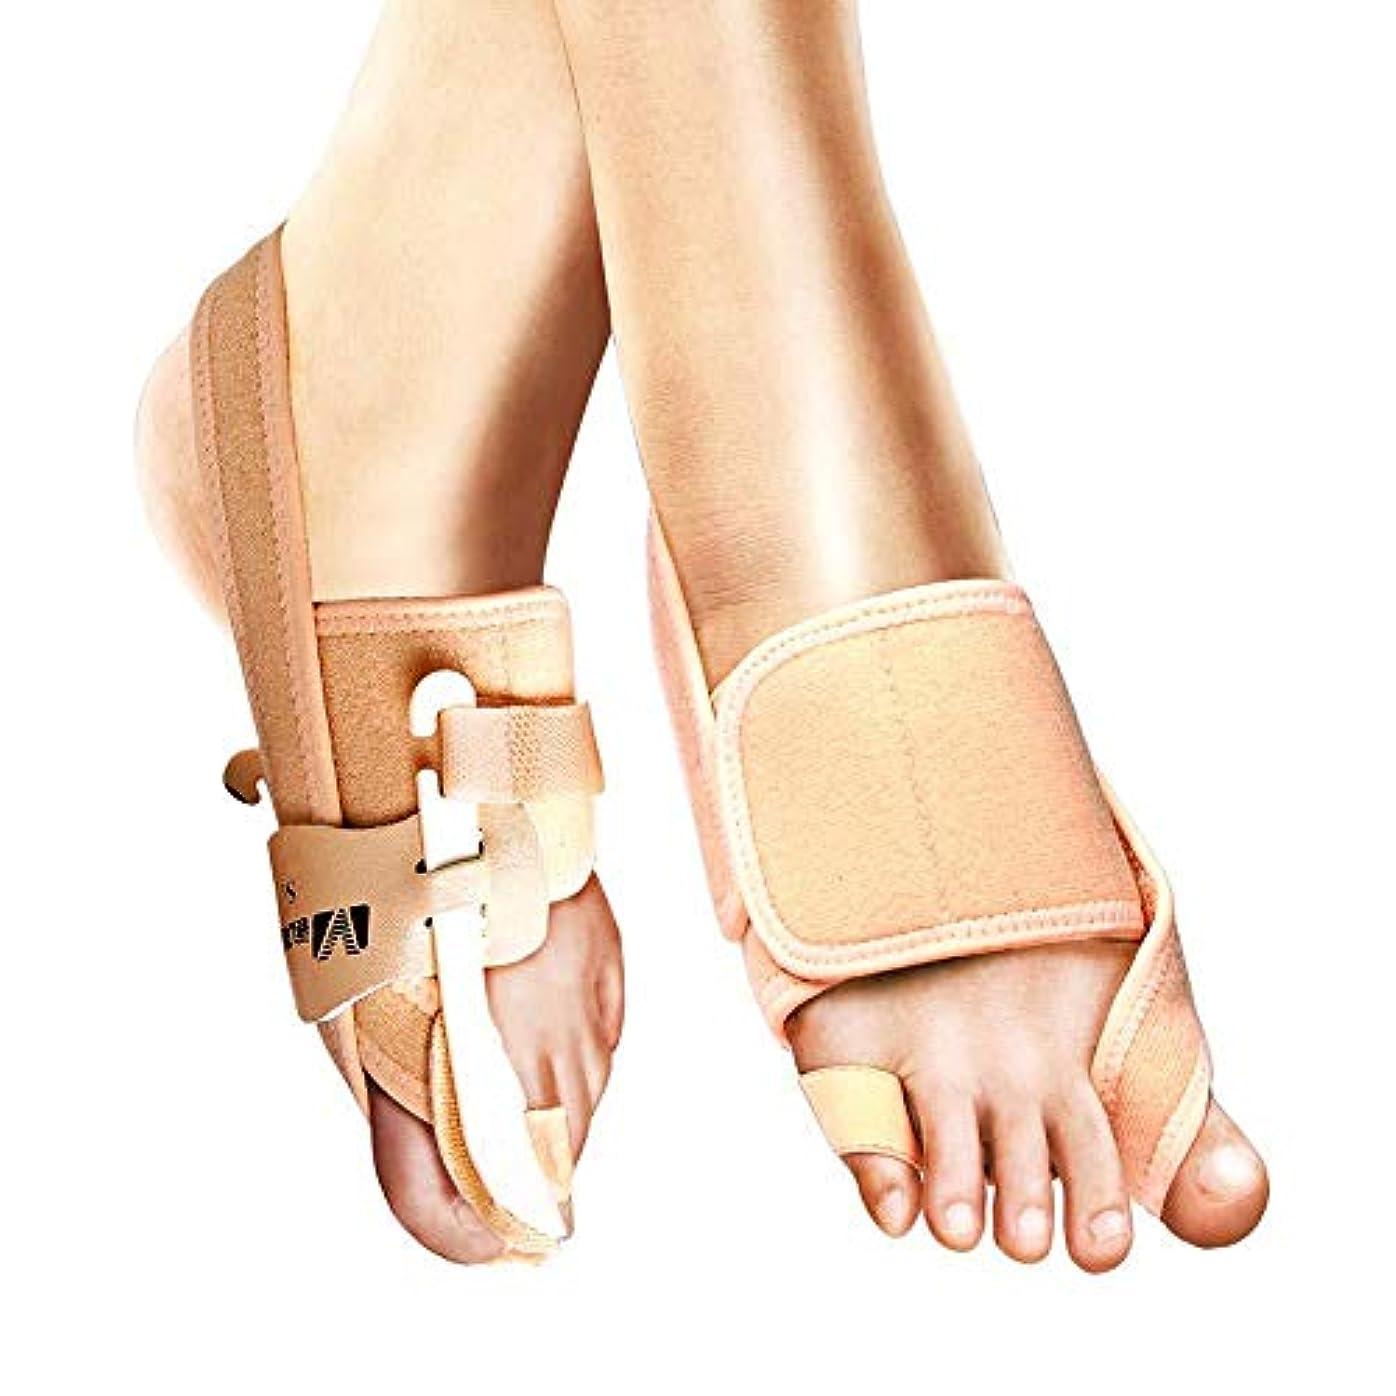 変化実際に俳優外反母for用の足の親指の矯正、男性と女性用の昼と夜のキット、痛みを和らげるジェルつま先セパレータ,RightFoot-22-24cm